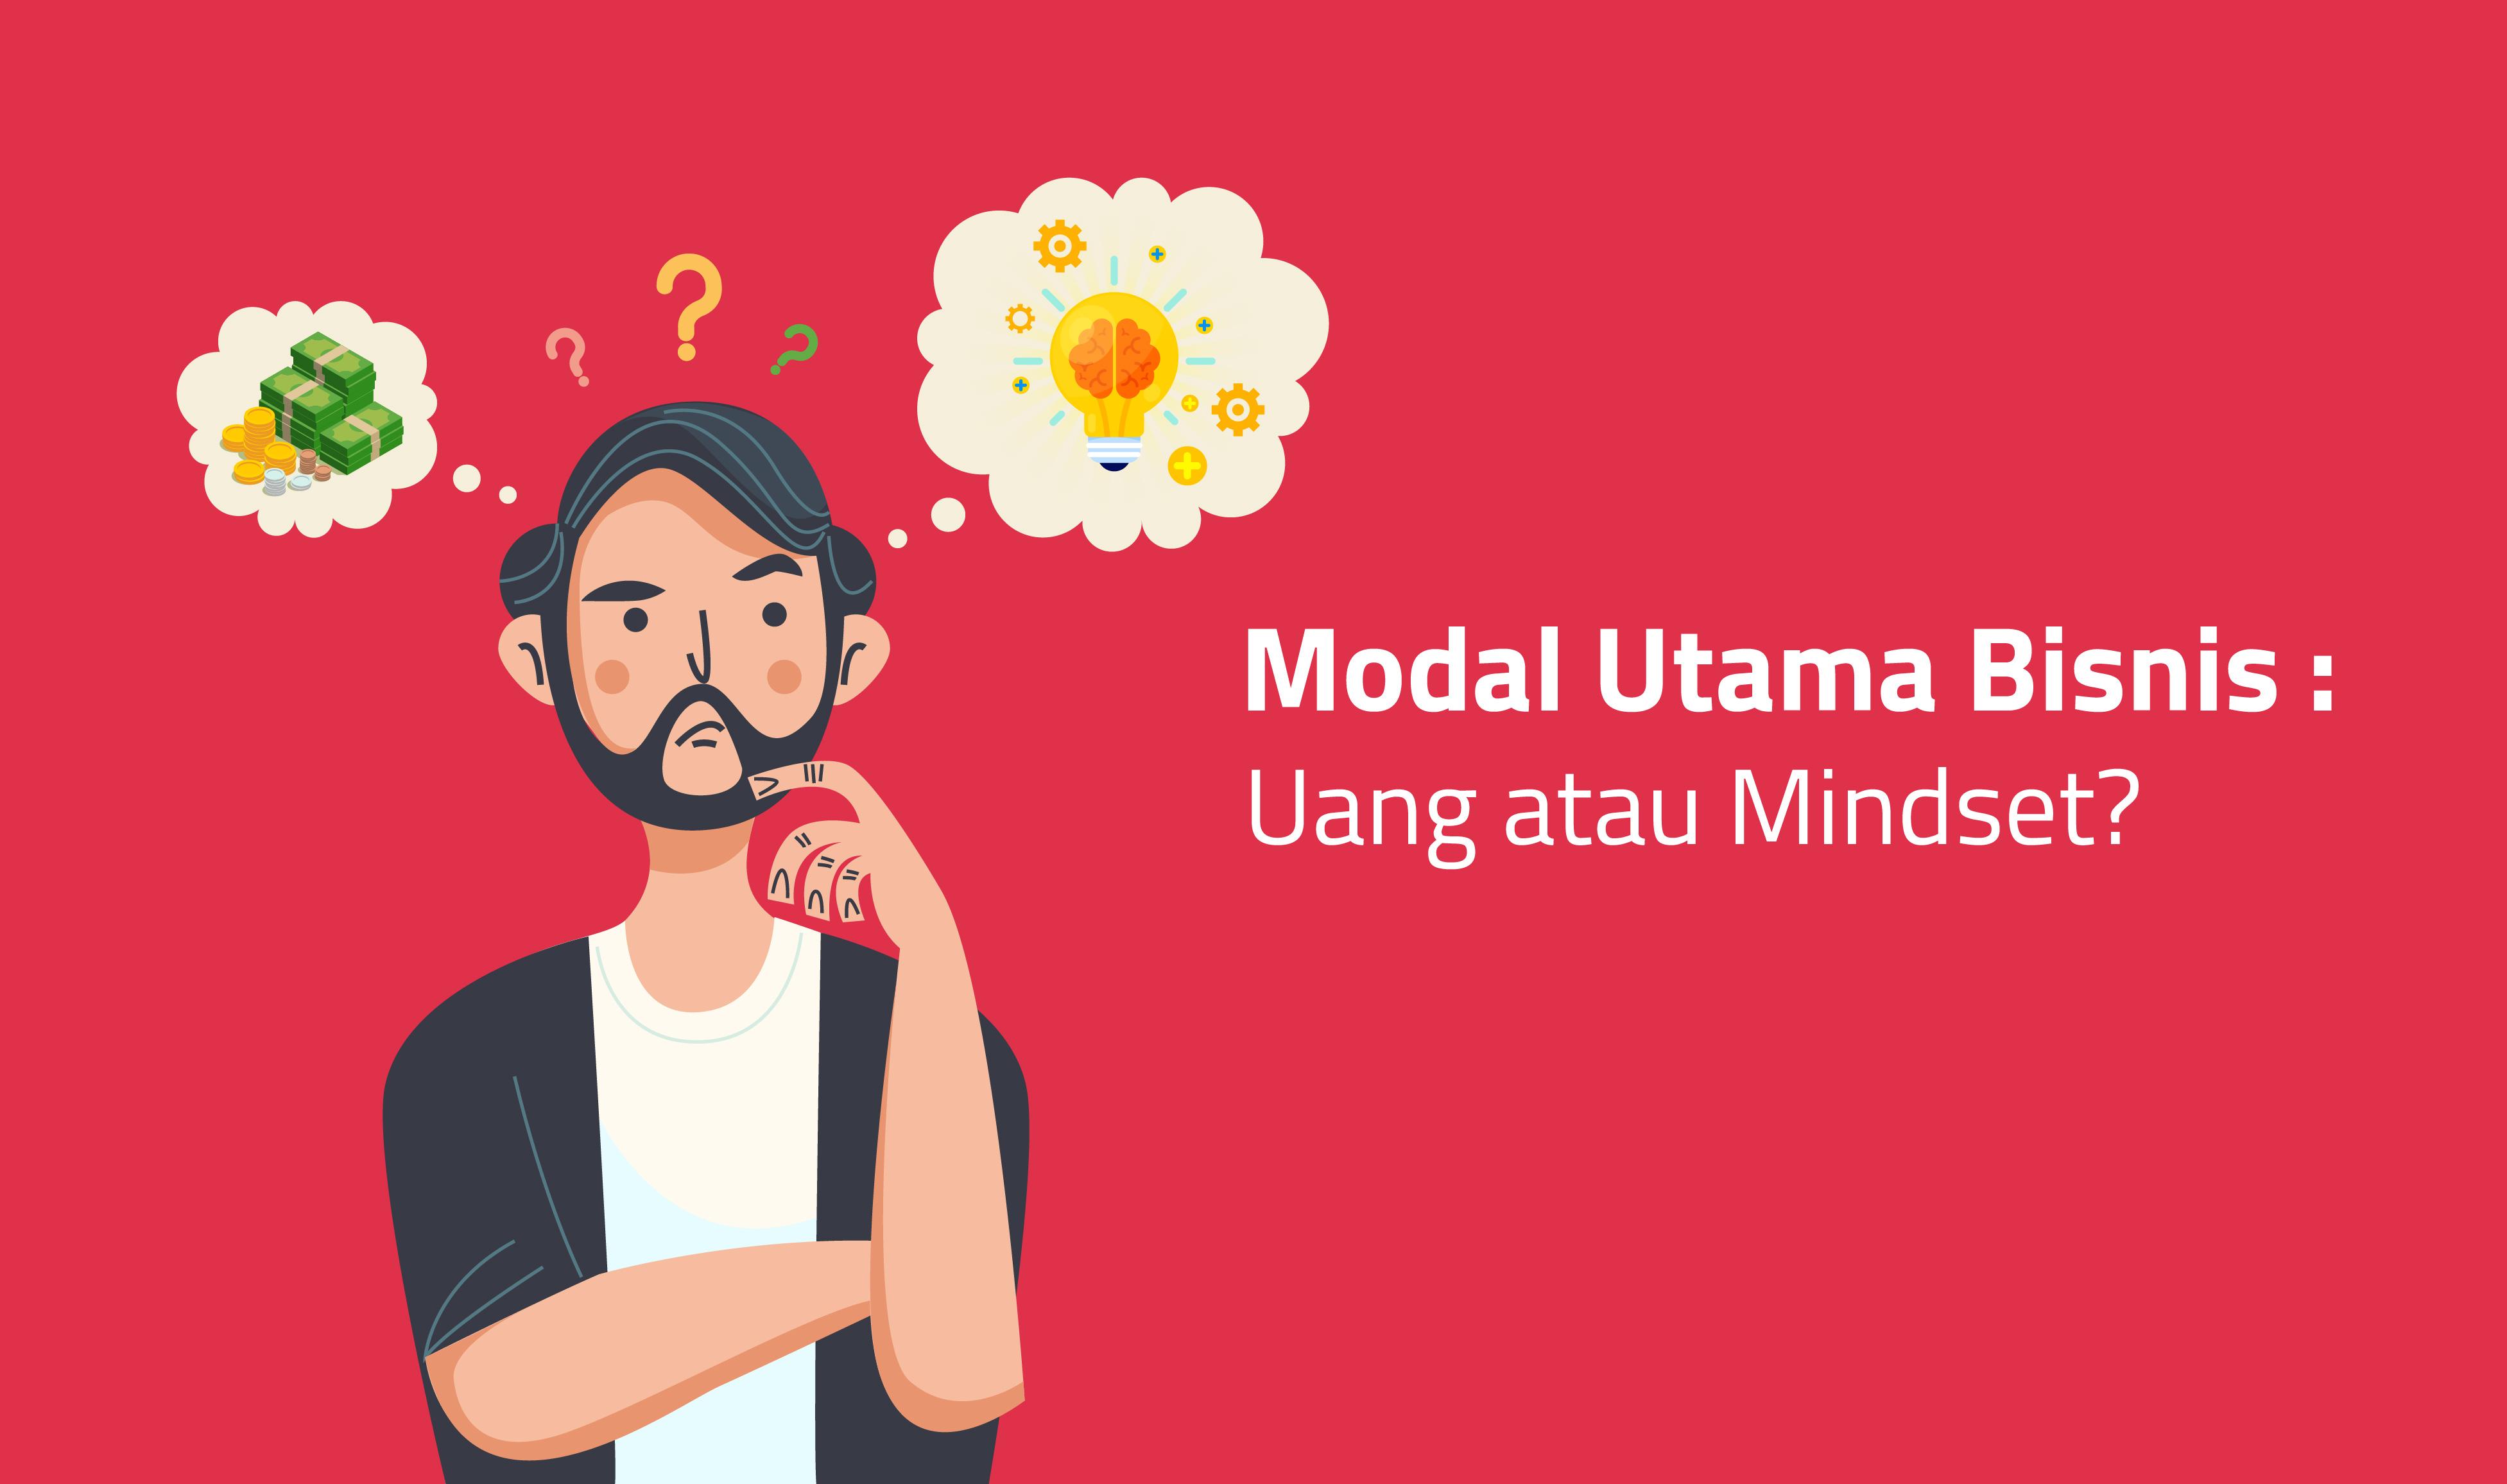 Modal Utama Bisnis: Uang atau Mindset ?